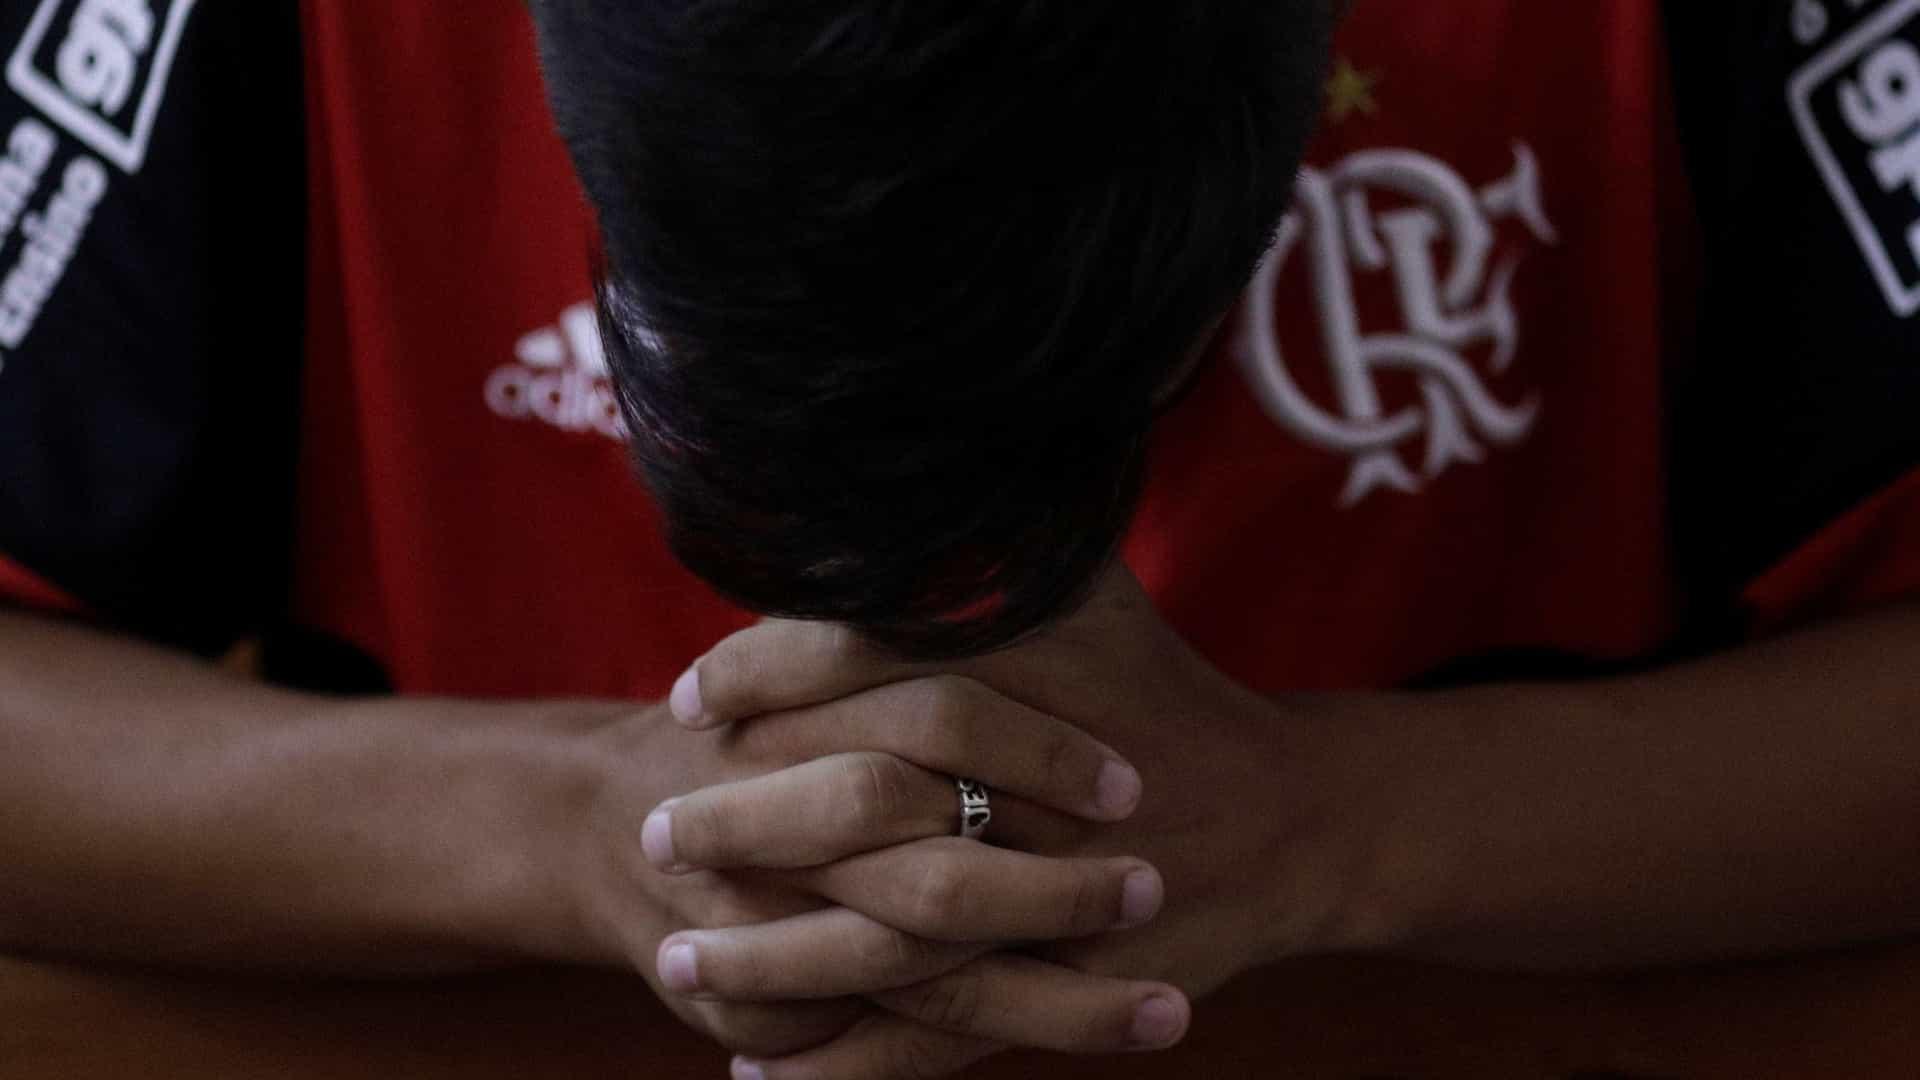 naom 5c5e873d111e7 1 - Um mês após tragédia no CT do Flamengo, famílias sofrem com incerteza